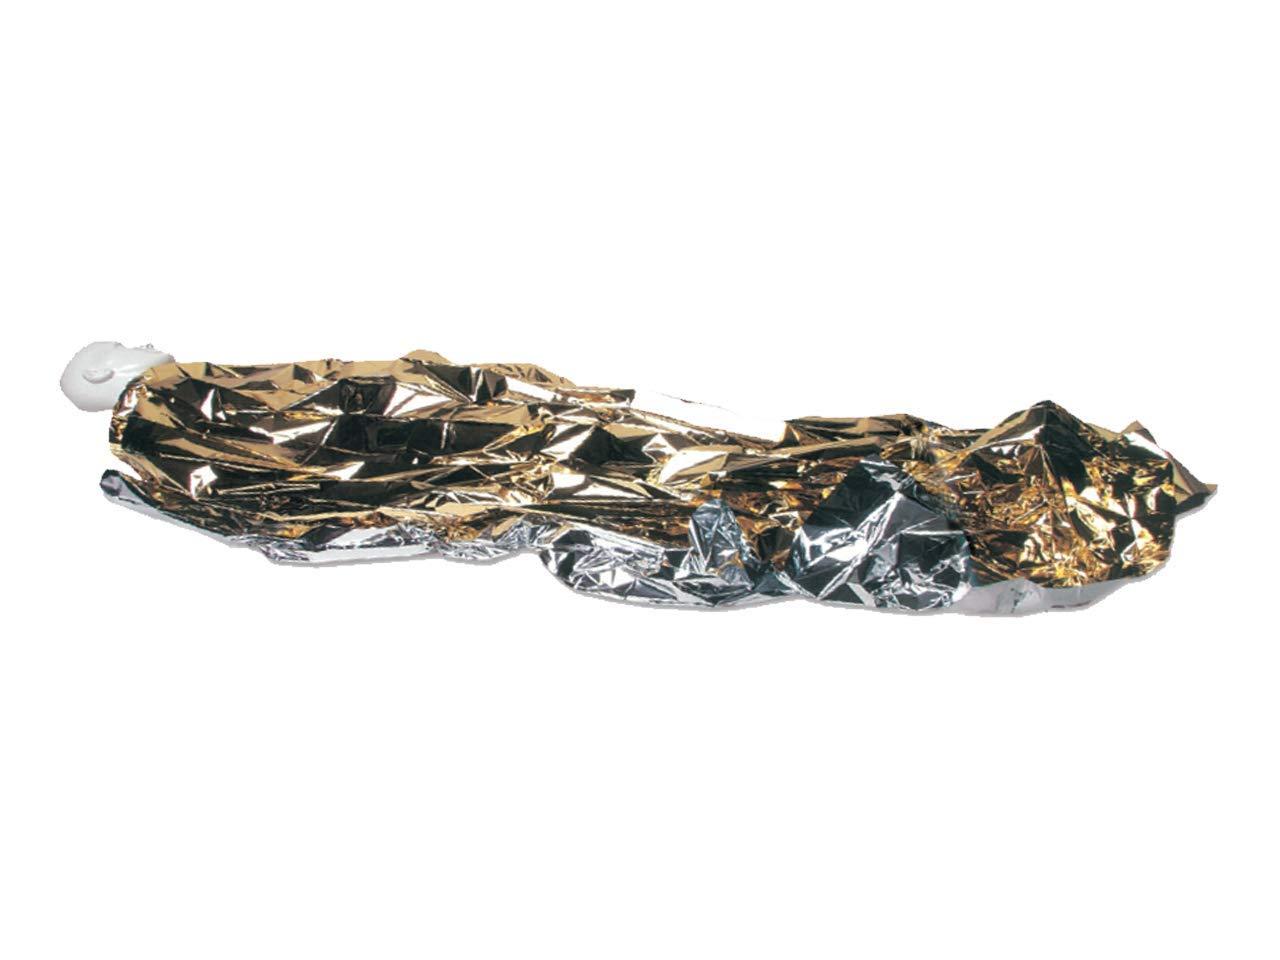 Protezione del coprigomma Impermeabile ETGeed Copriruota di scorta Labbra Adatte a Molti Veicoli